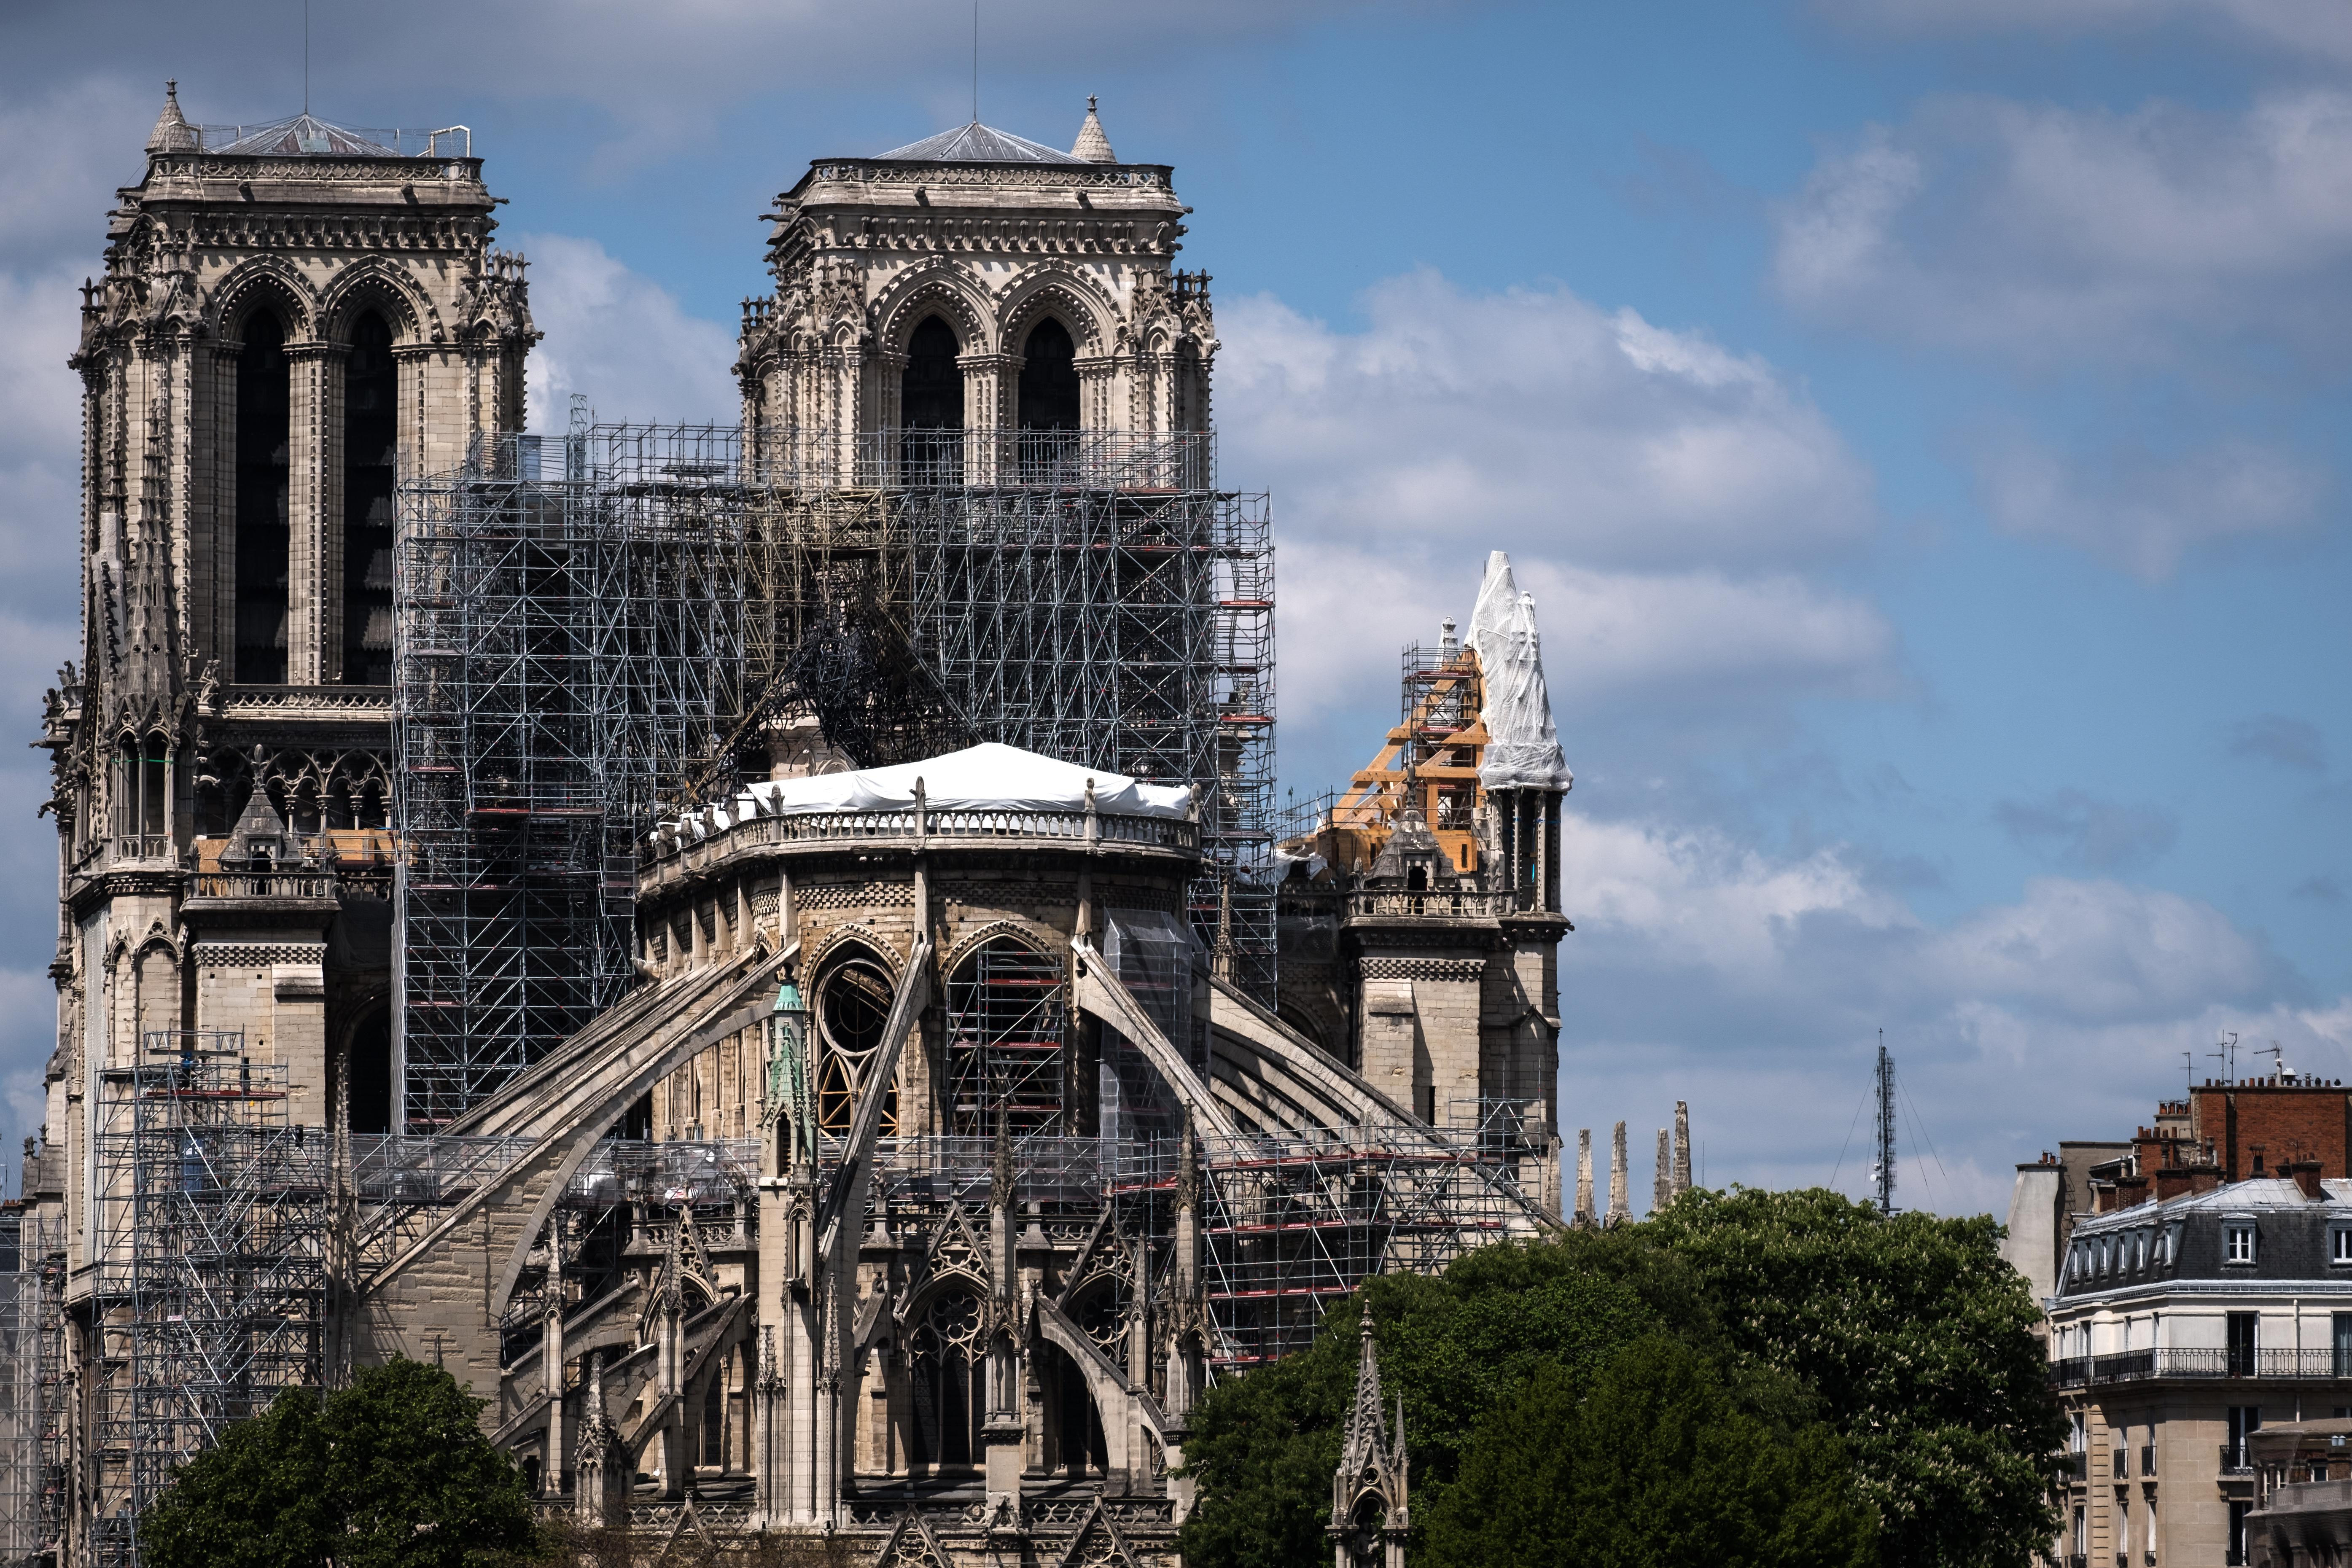 Egy éve égett le a Notre Dame, ma este harangozással emlékeznek az évfordulóra